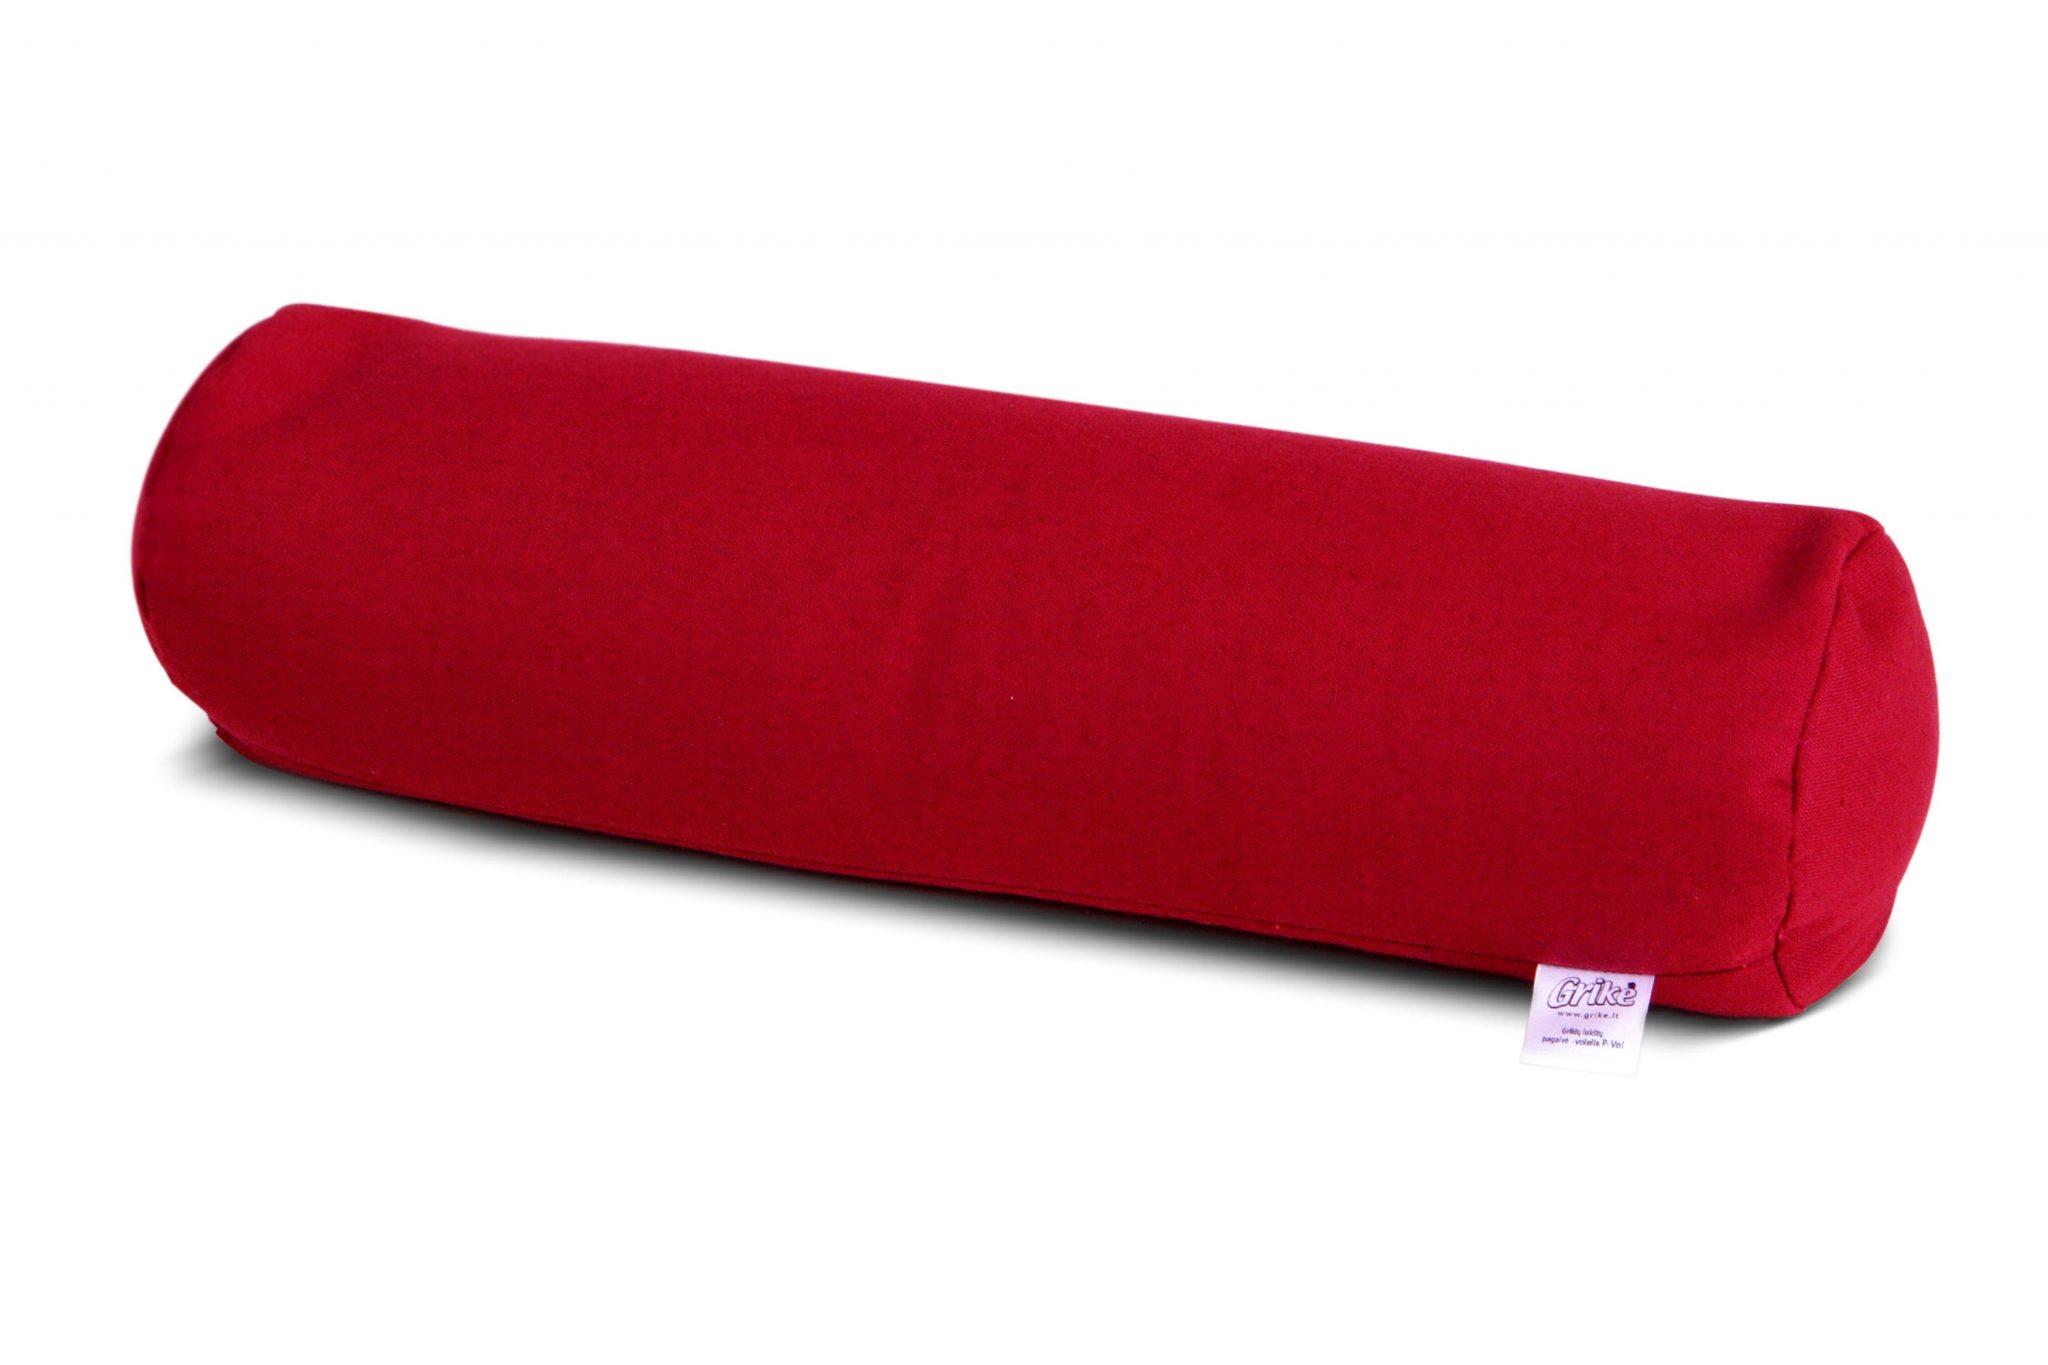 Grikių lukštų pagalvė - volelis 5